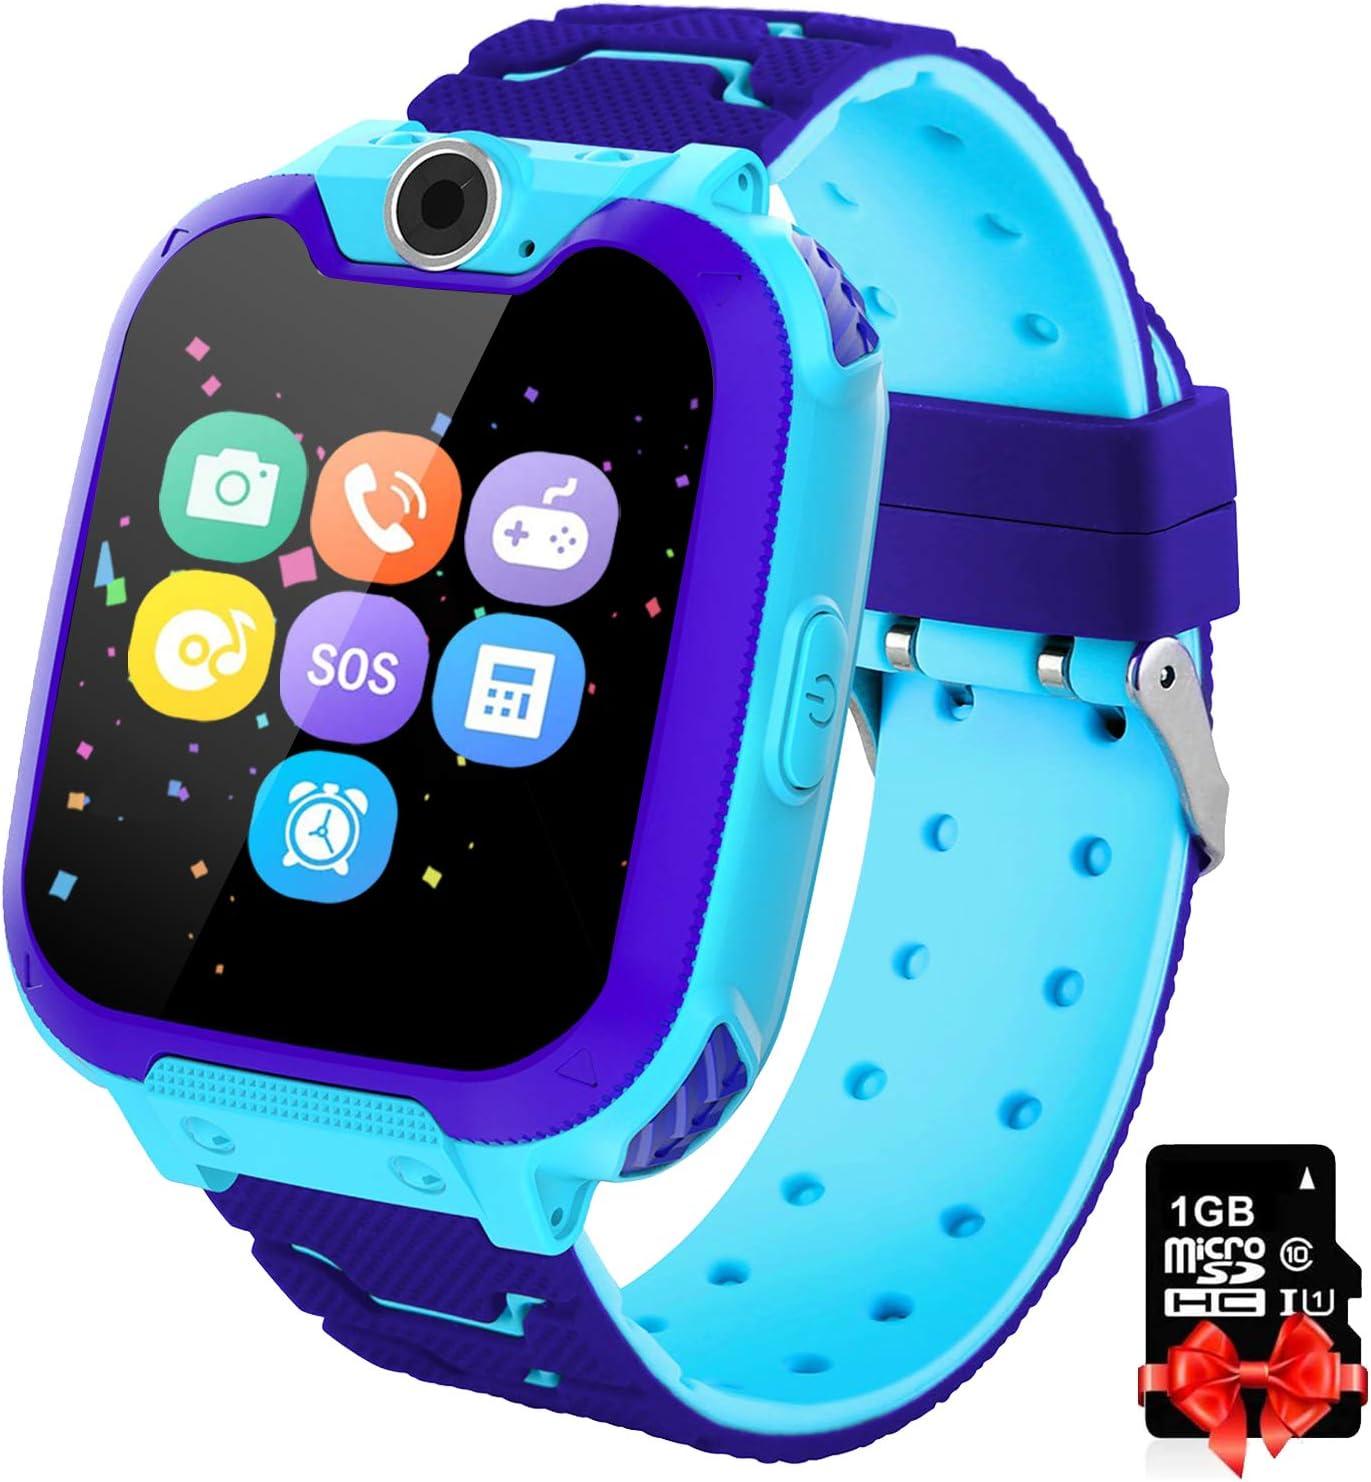 Smartwatch Niños Telefono Estudiante, Lata Realiza Llamadas Mensajes Mp3 Musica Reloj Infantil Reloj Digital Reloj Despertador Juegos Reloj Inteligente para Niños de Edad 3-12 Niño Regalo (Azul)